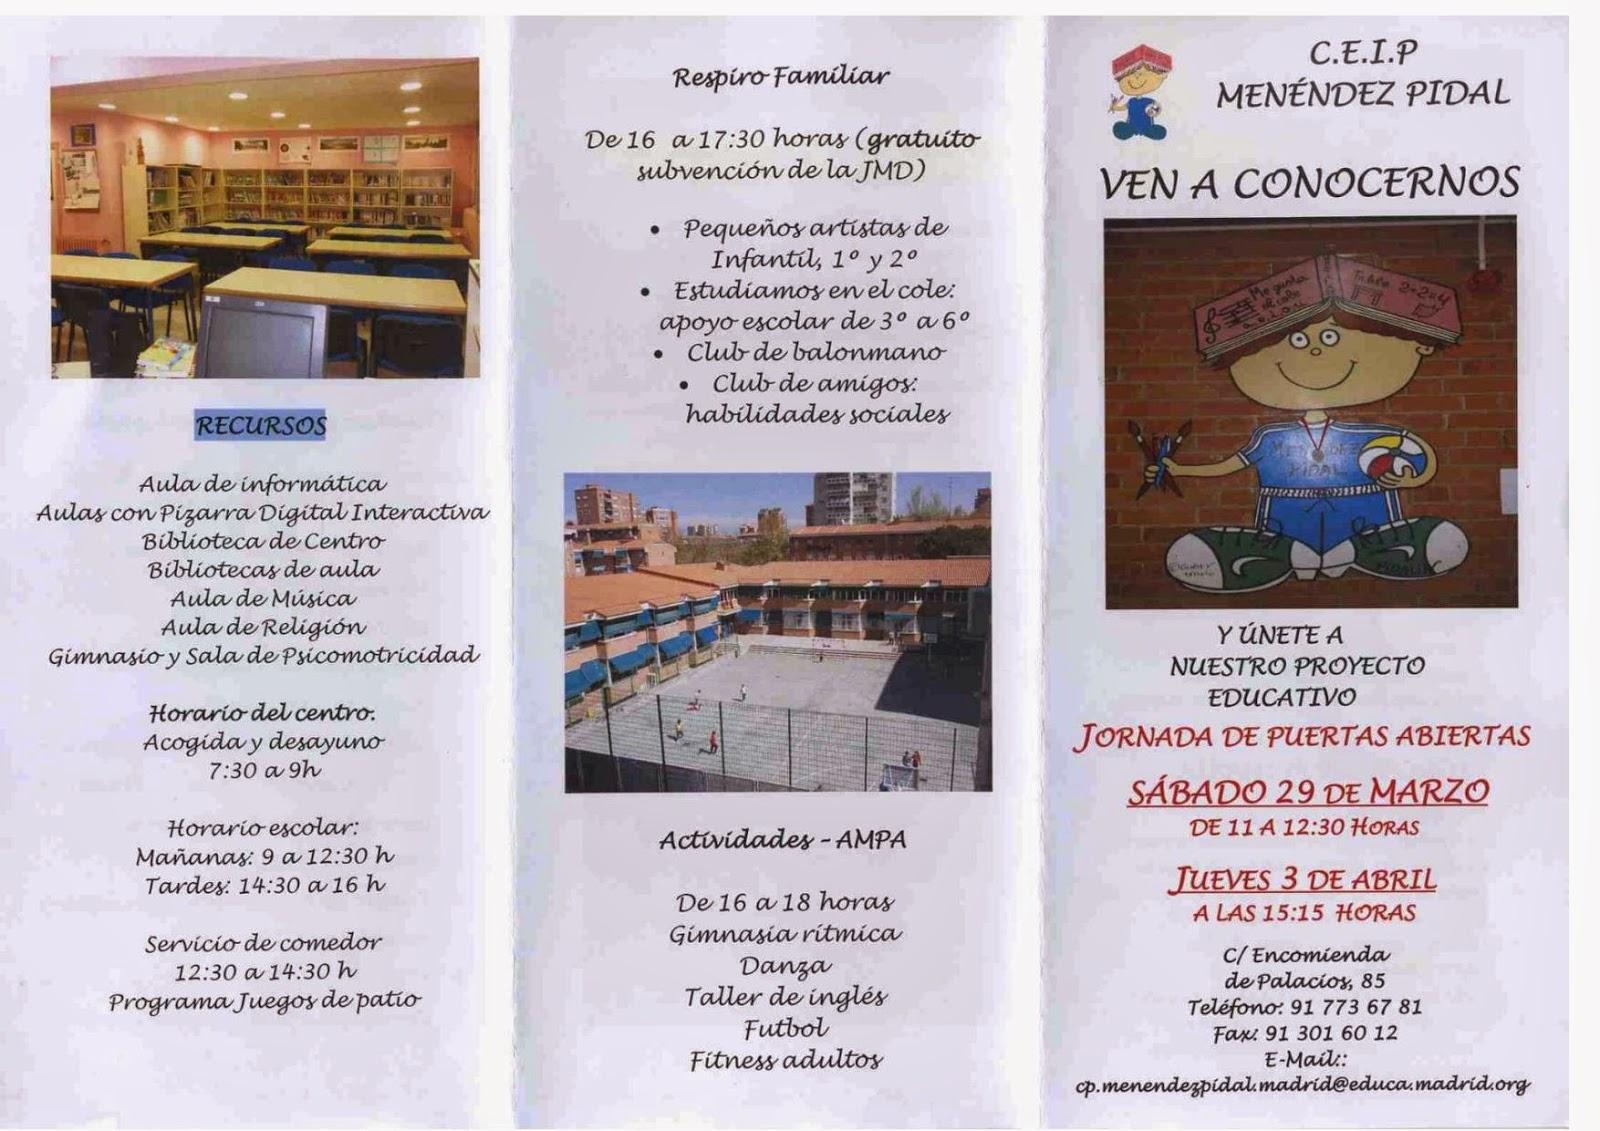 Tríptico elaborado por el CEIP Menéndez Pidal para sus días de puertas abiertas.